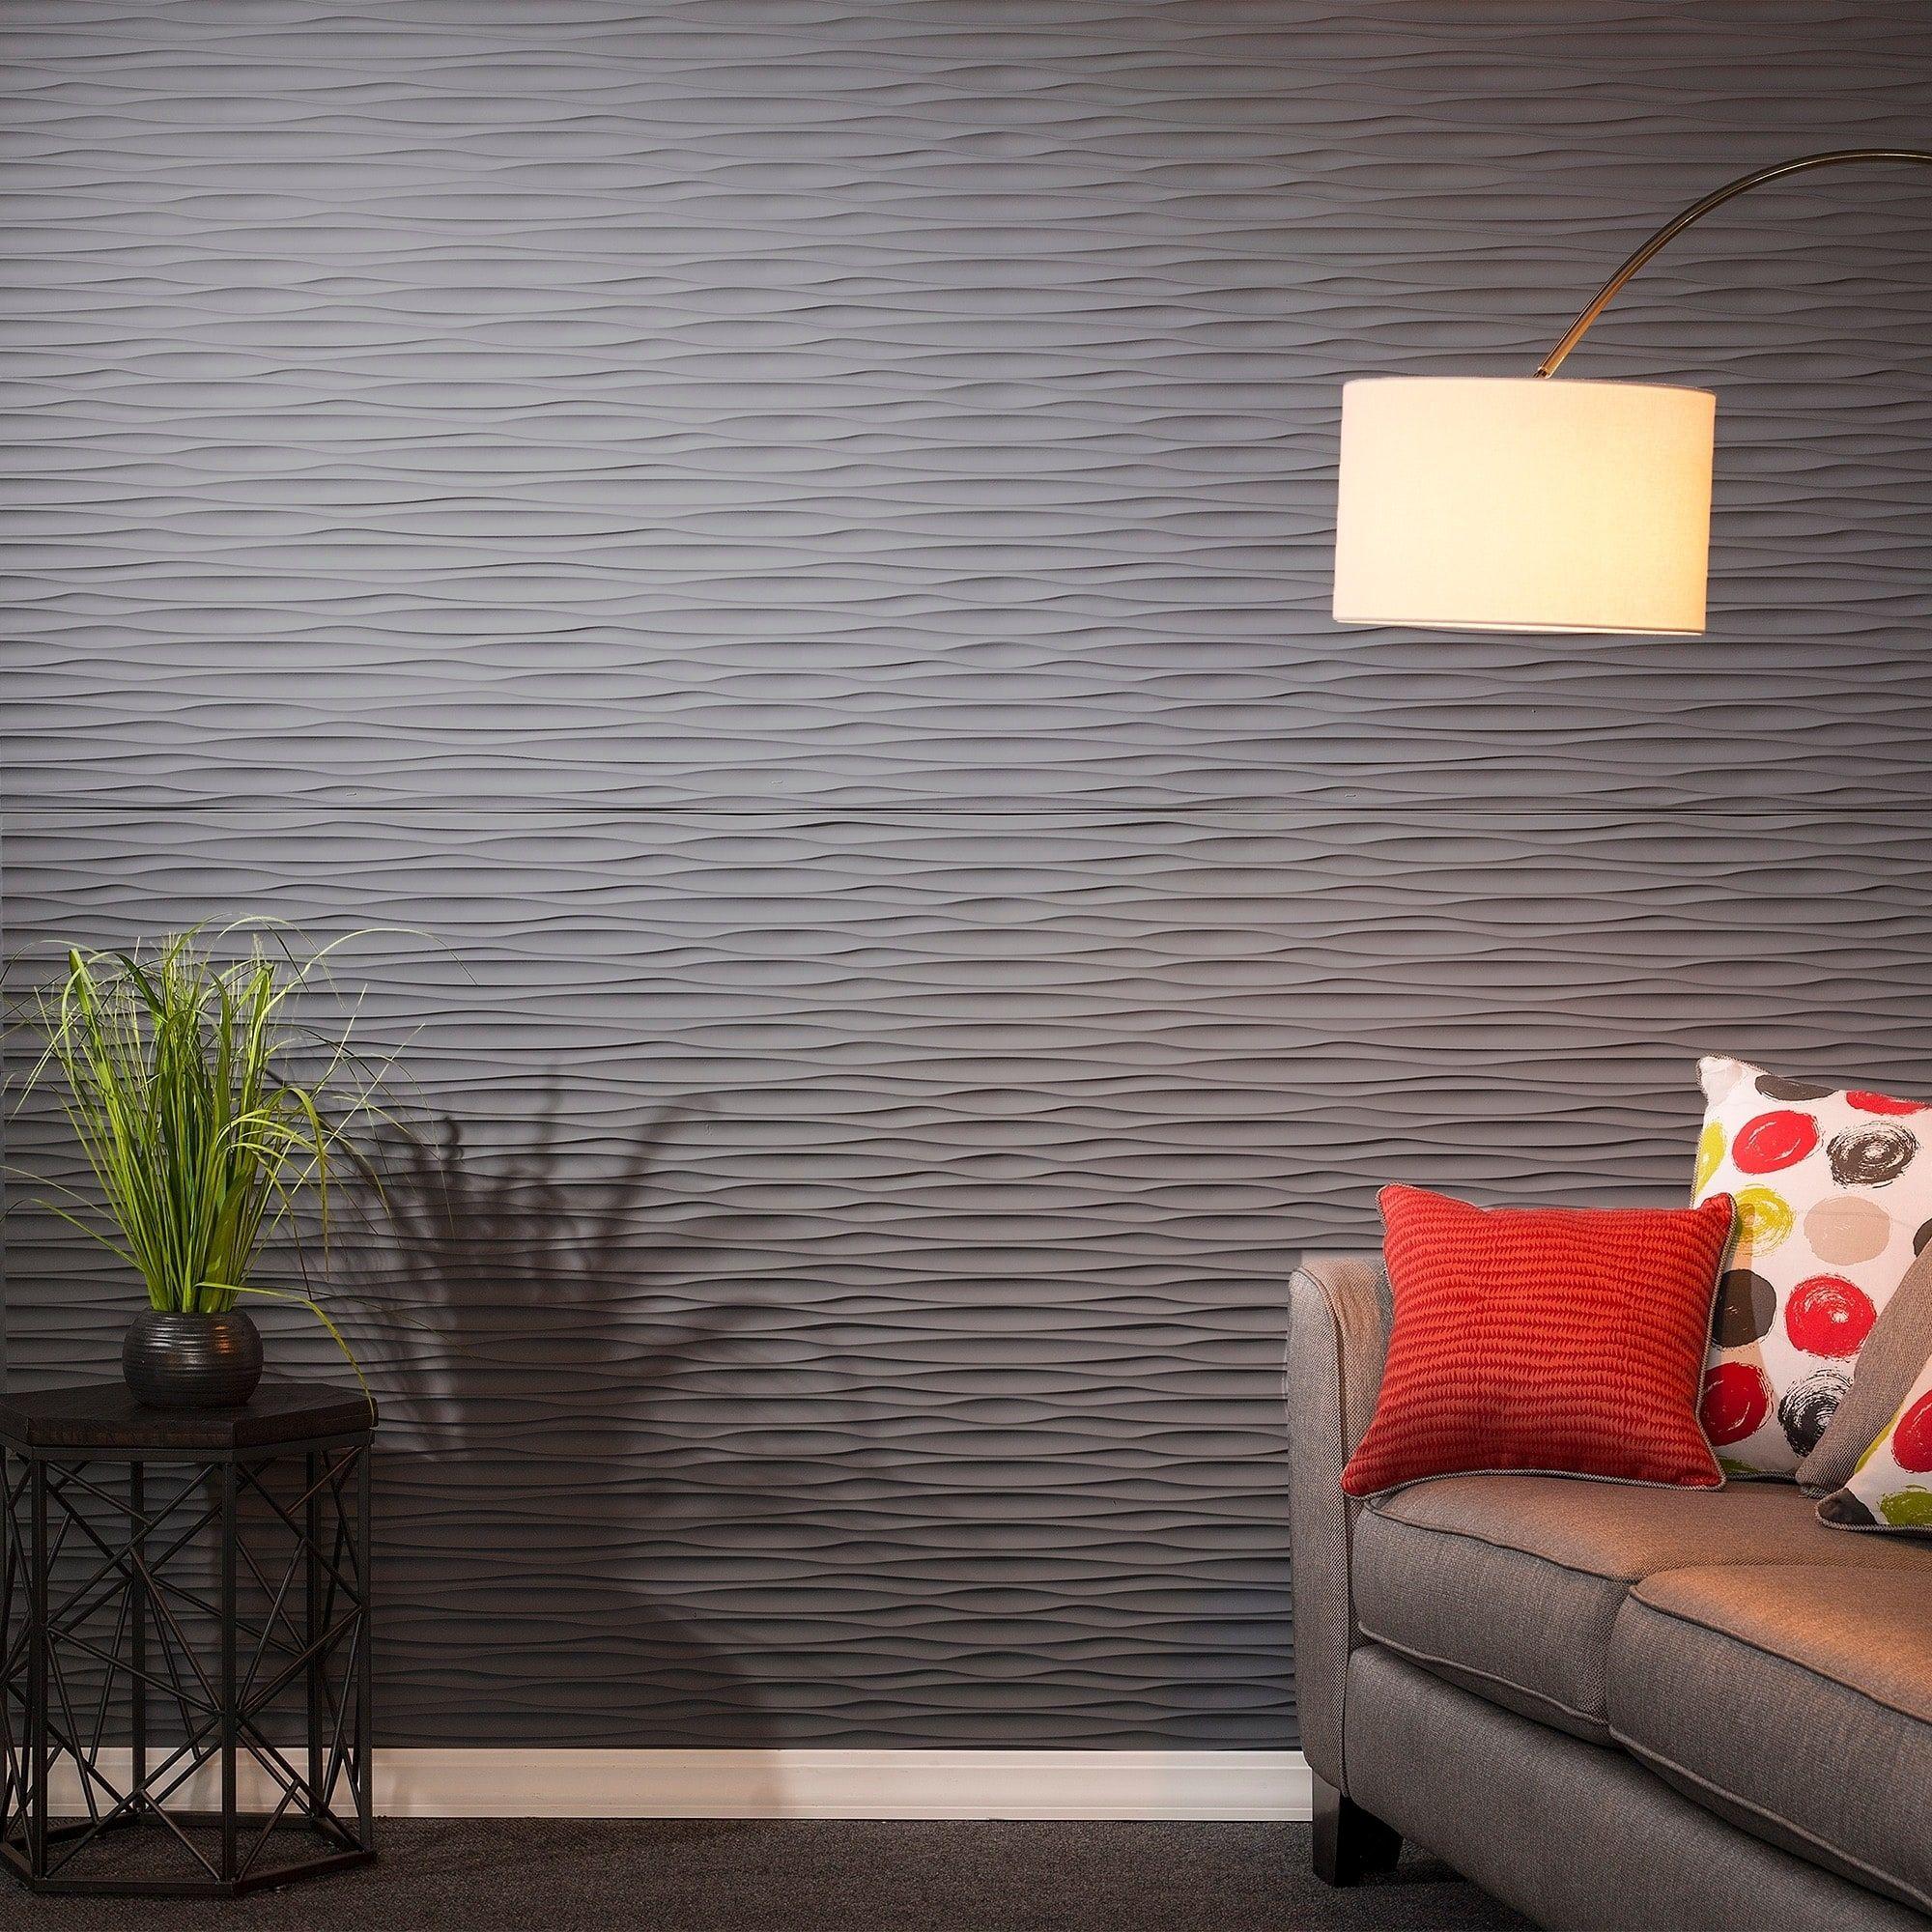 Fasade dunes horizontal titanium grey foot x foot wall panel